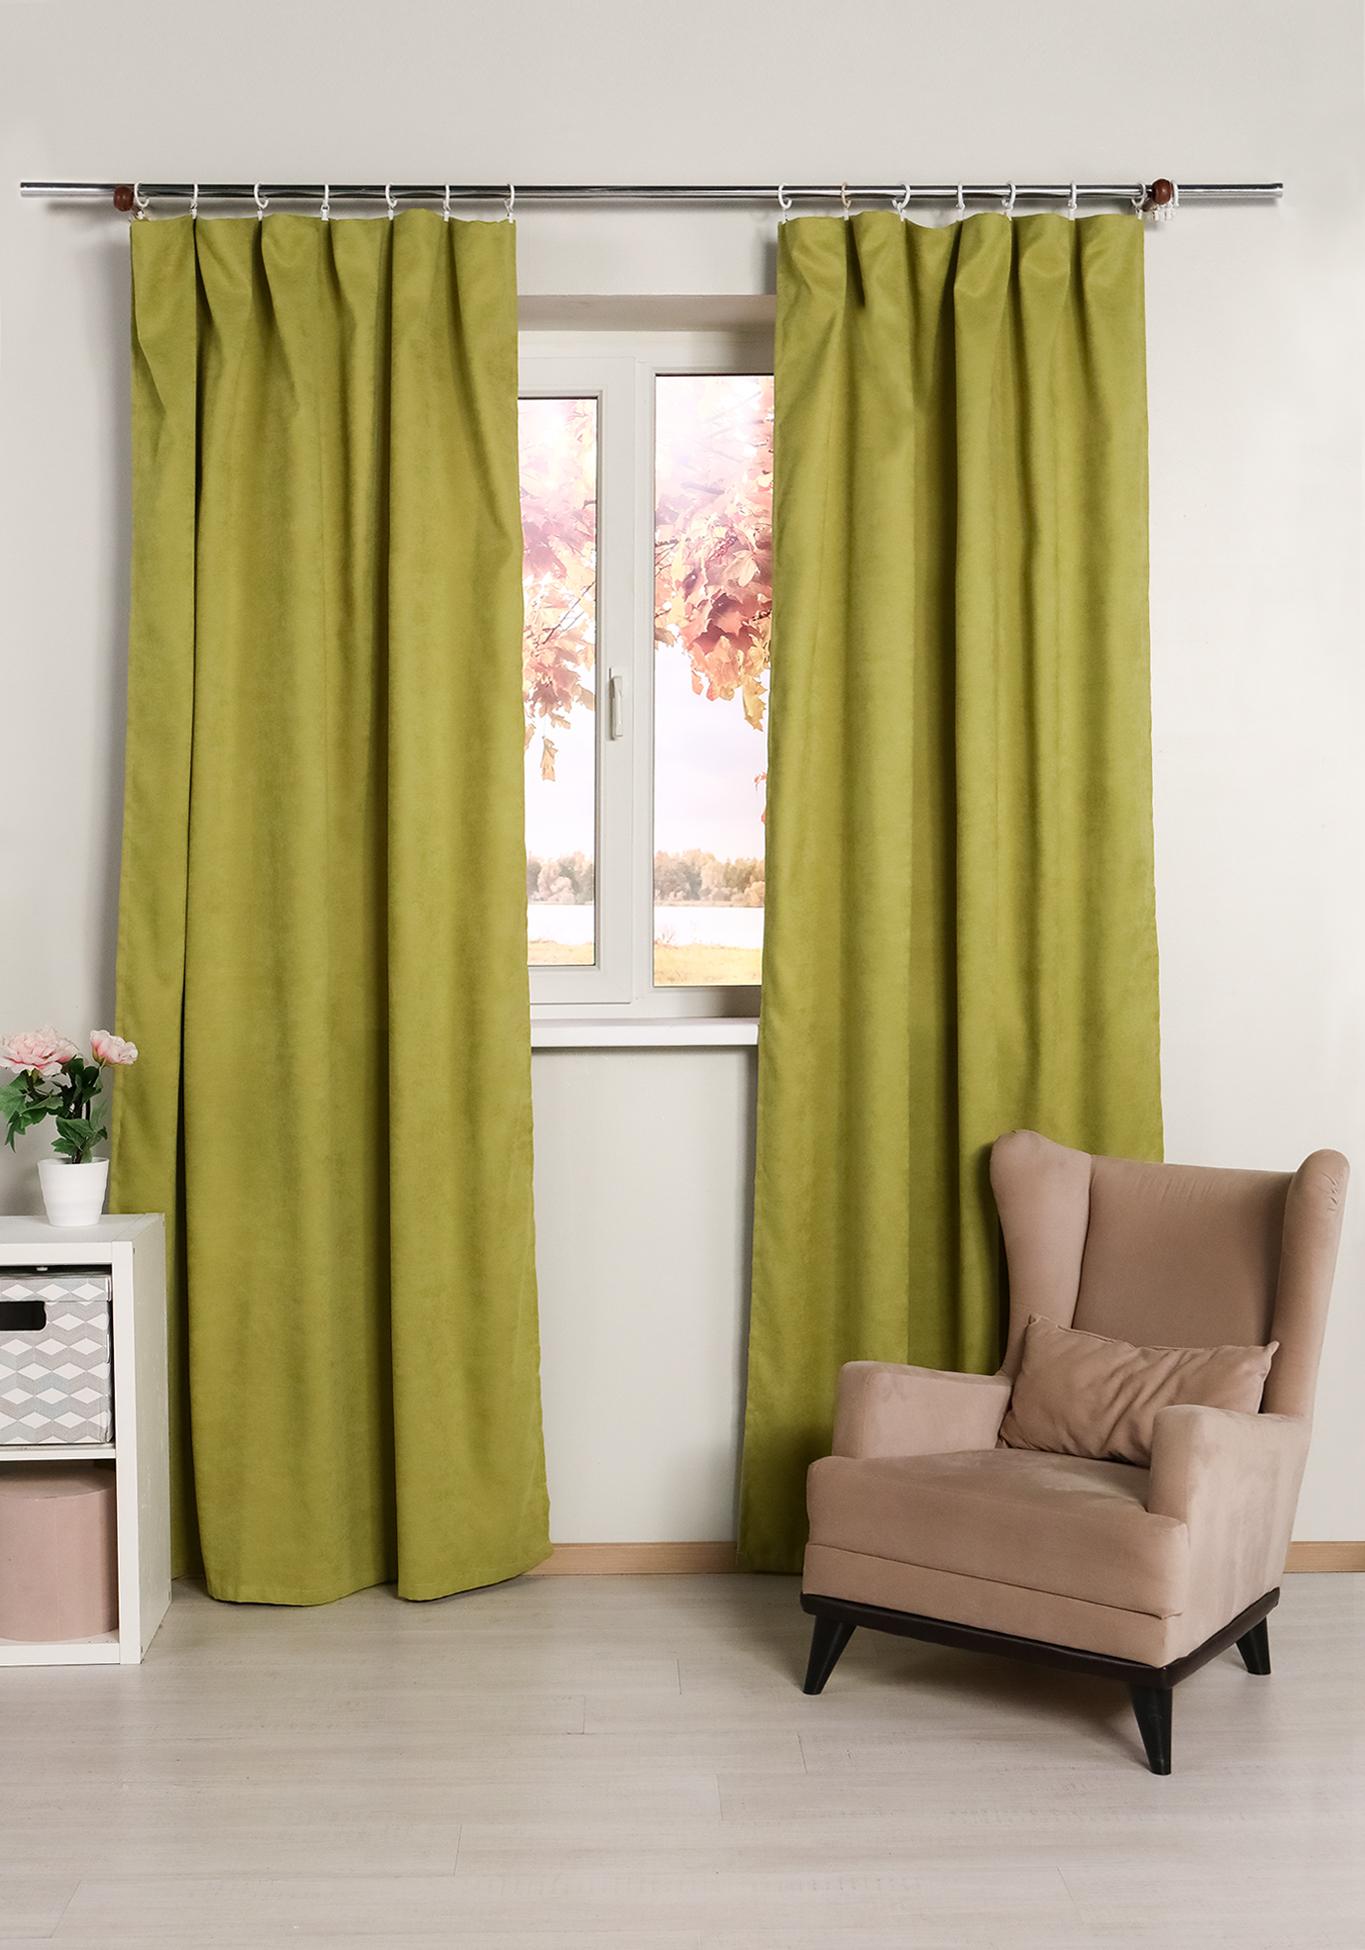 Комплект штор Элизия комплект шторы и тюль мартекс фиолетовый сад